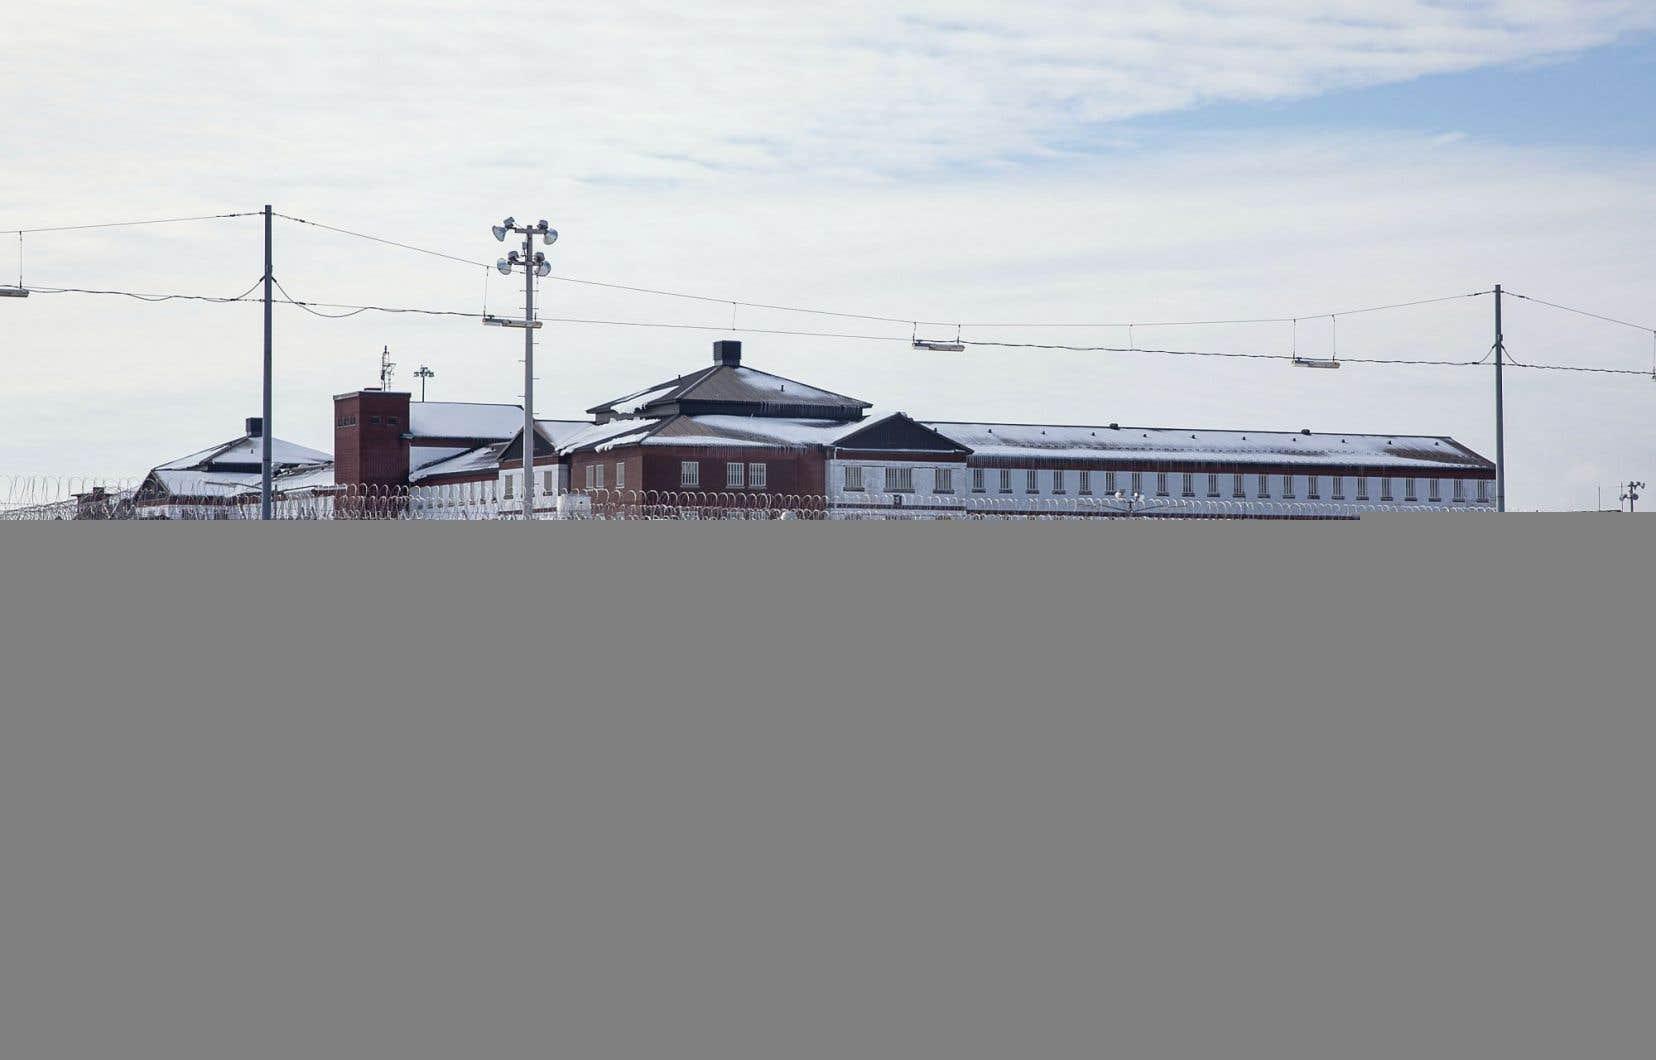 L'établissement Leclerc, une ancienne prison fédérale, héberge aujourd'hui des hommes et des femmes.